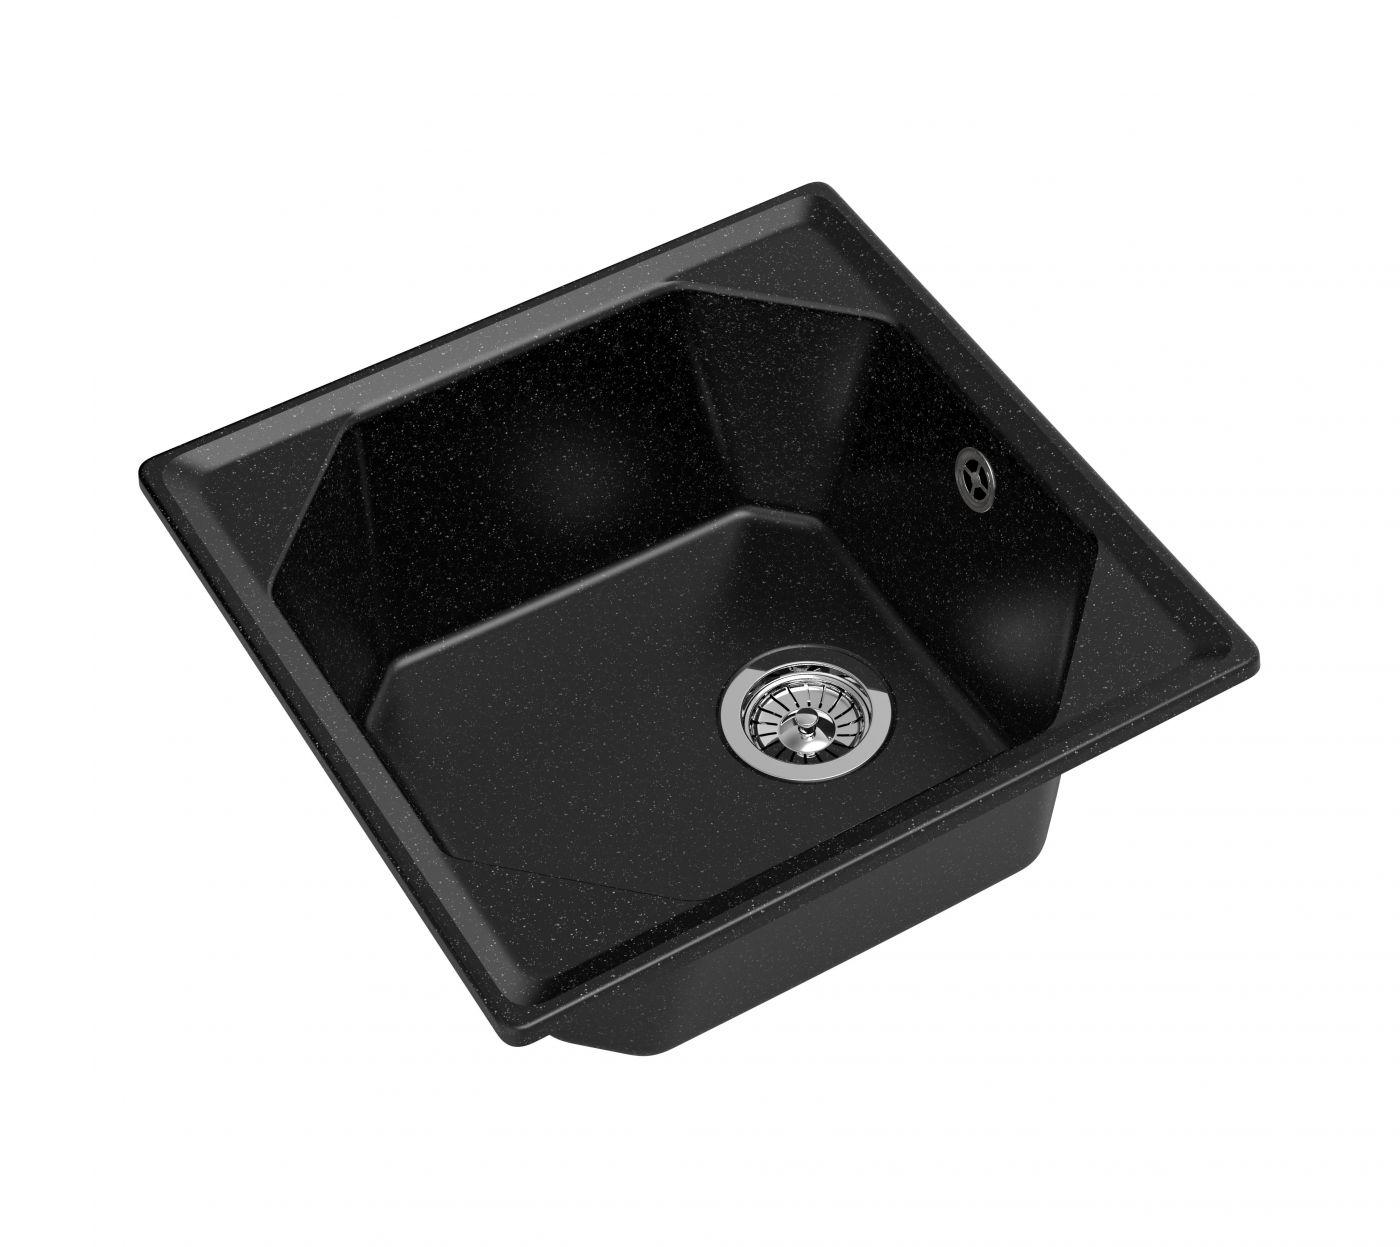 Мраморная мойка для кухни GranFest Unique GF-U500 Черный